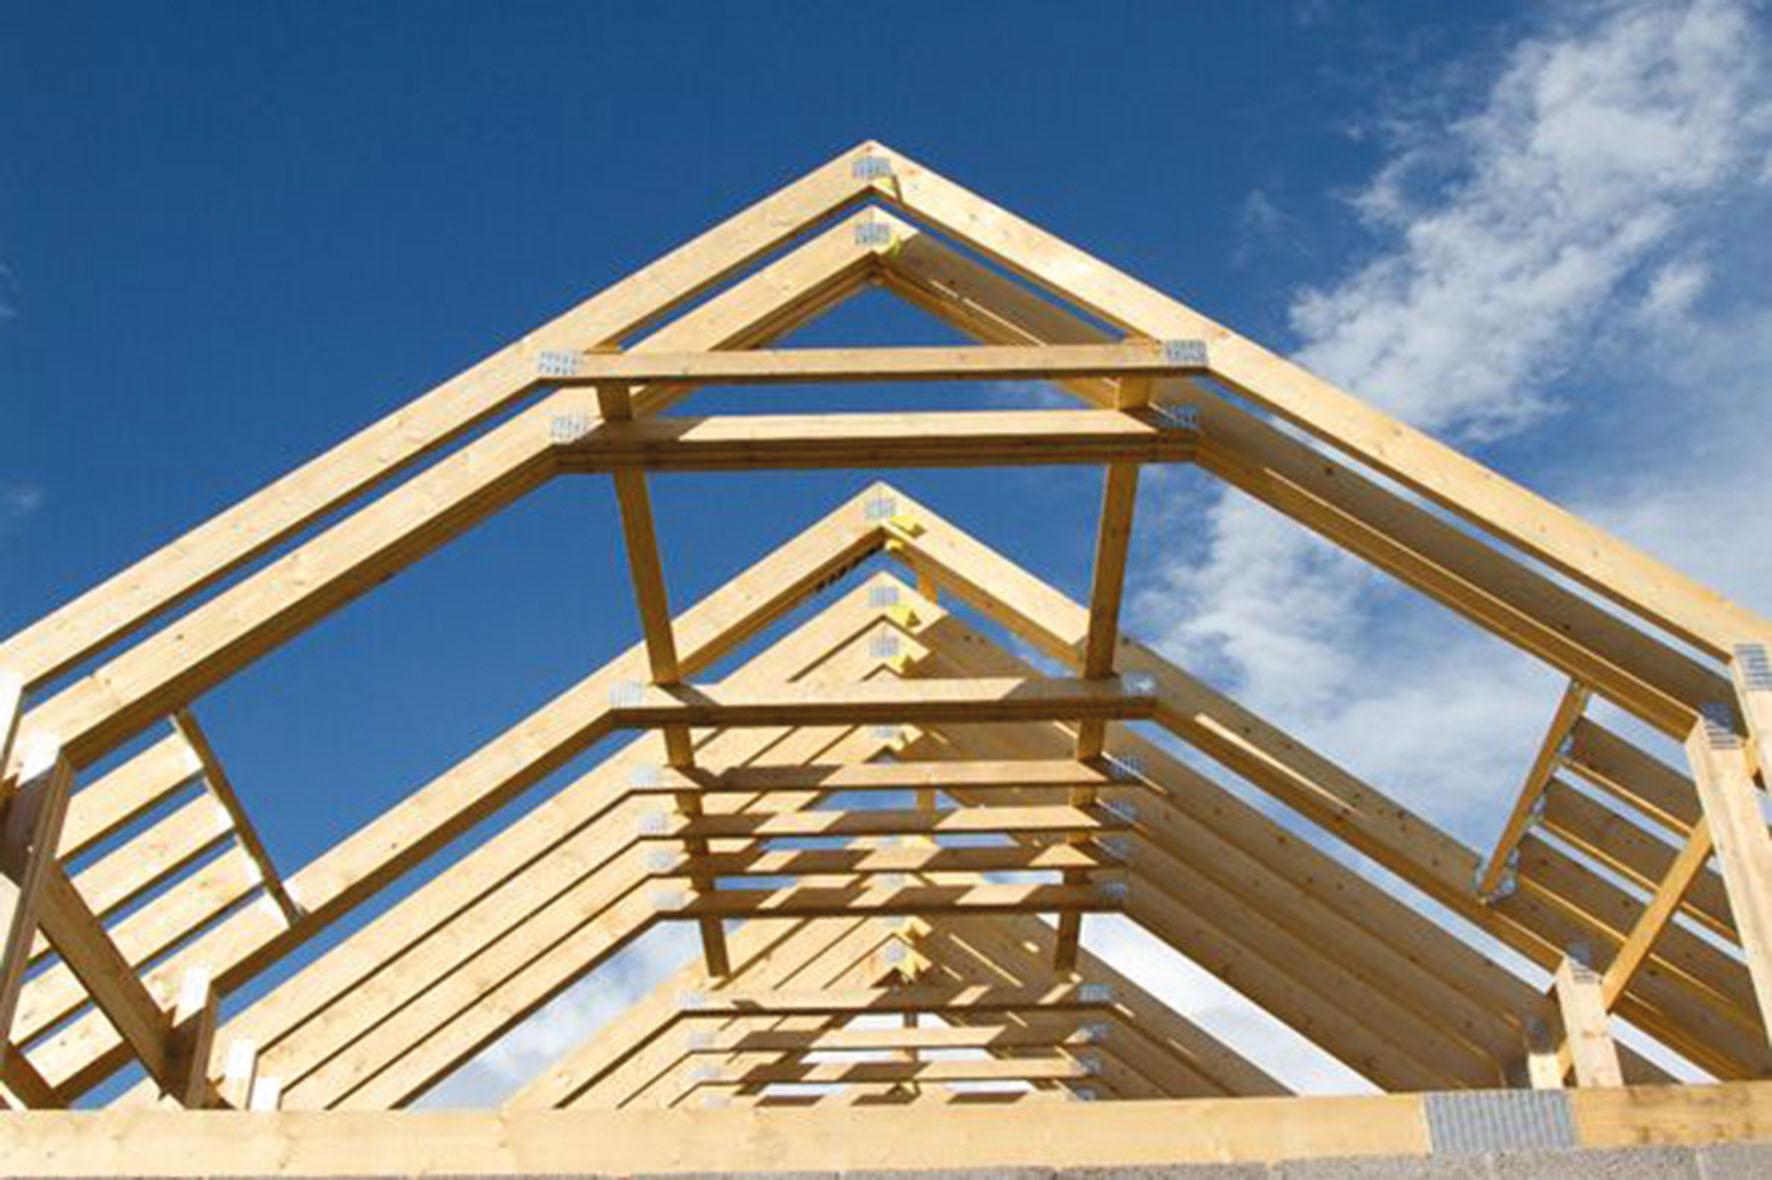 Drewno impregnowane preparatem Wolsit® EC                                                                                                                                                                                                                                                                                                                                      Fot. BASF Wolman GmbH